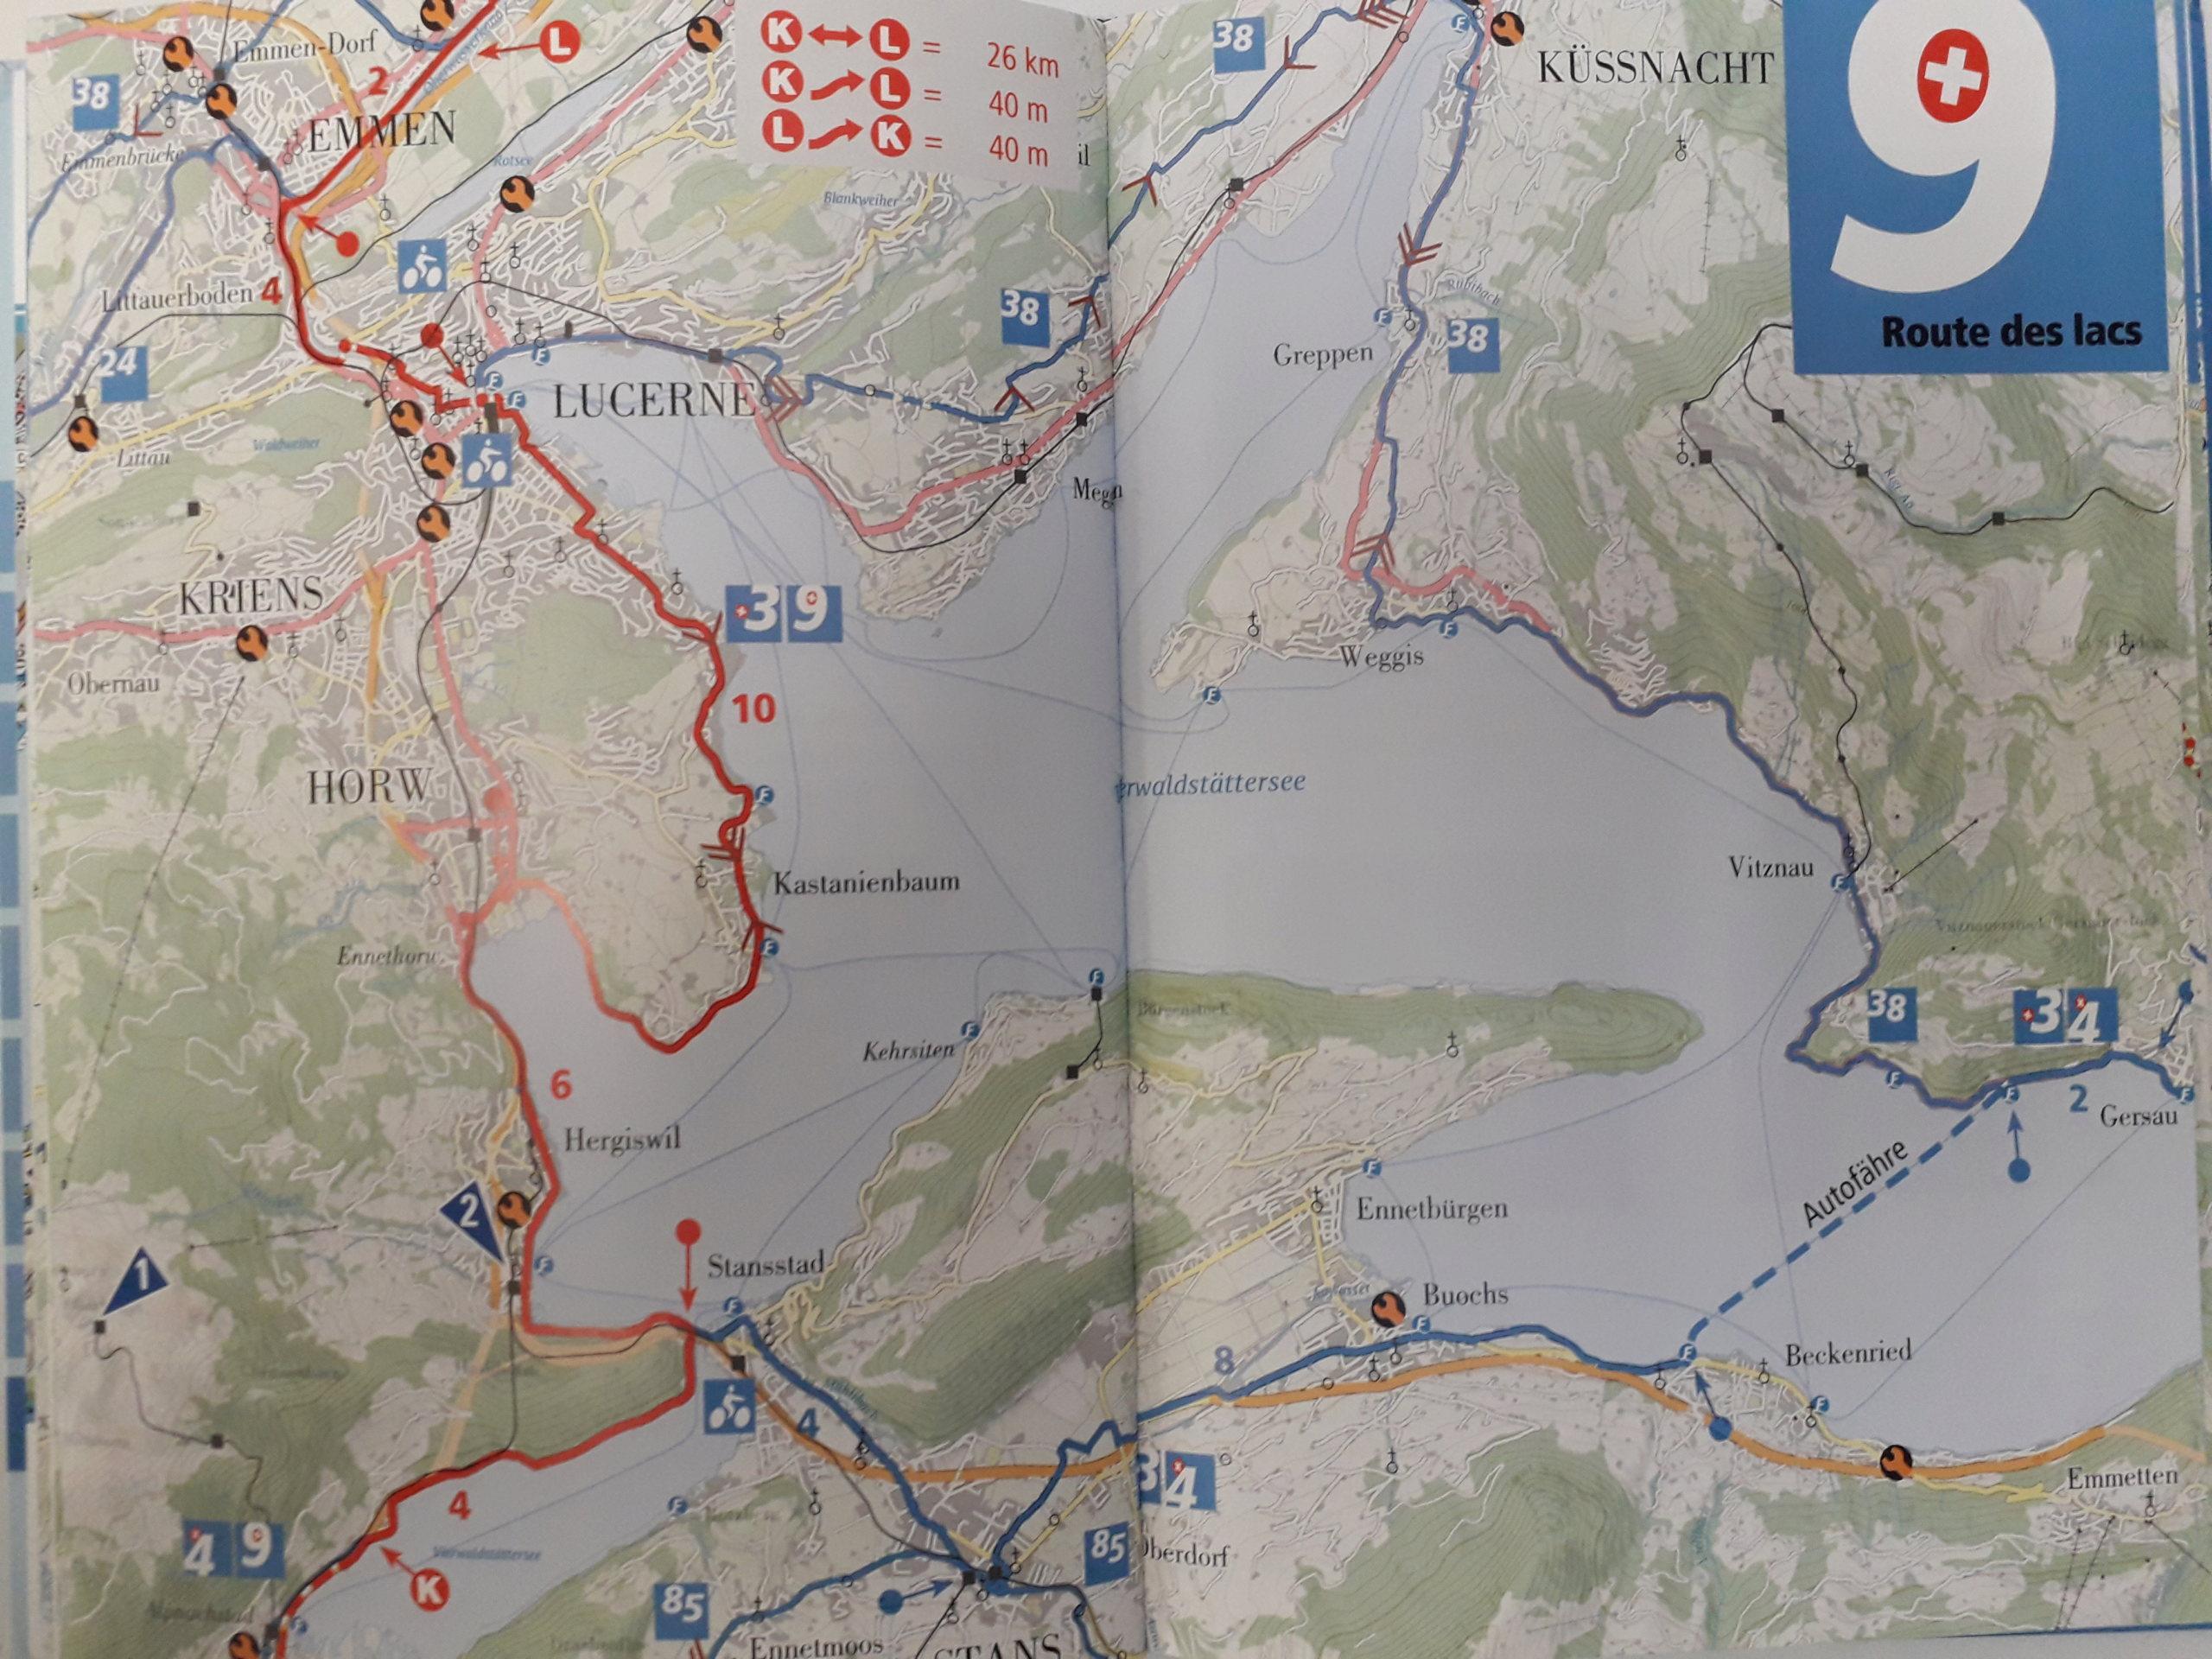 La Route des lacs - Suisse [7 au 12 juin] saison 14 •Bƒ 20190520